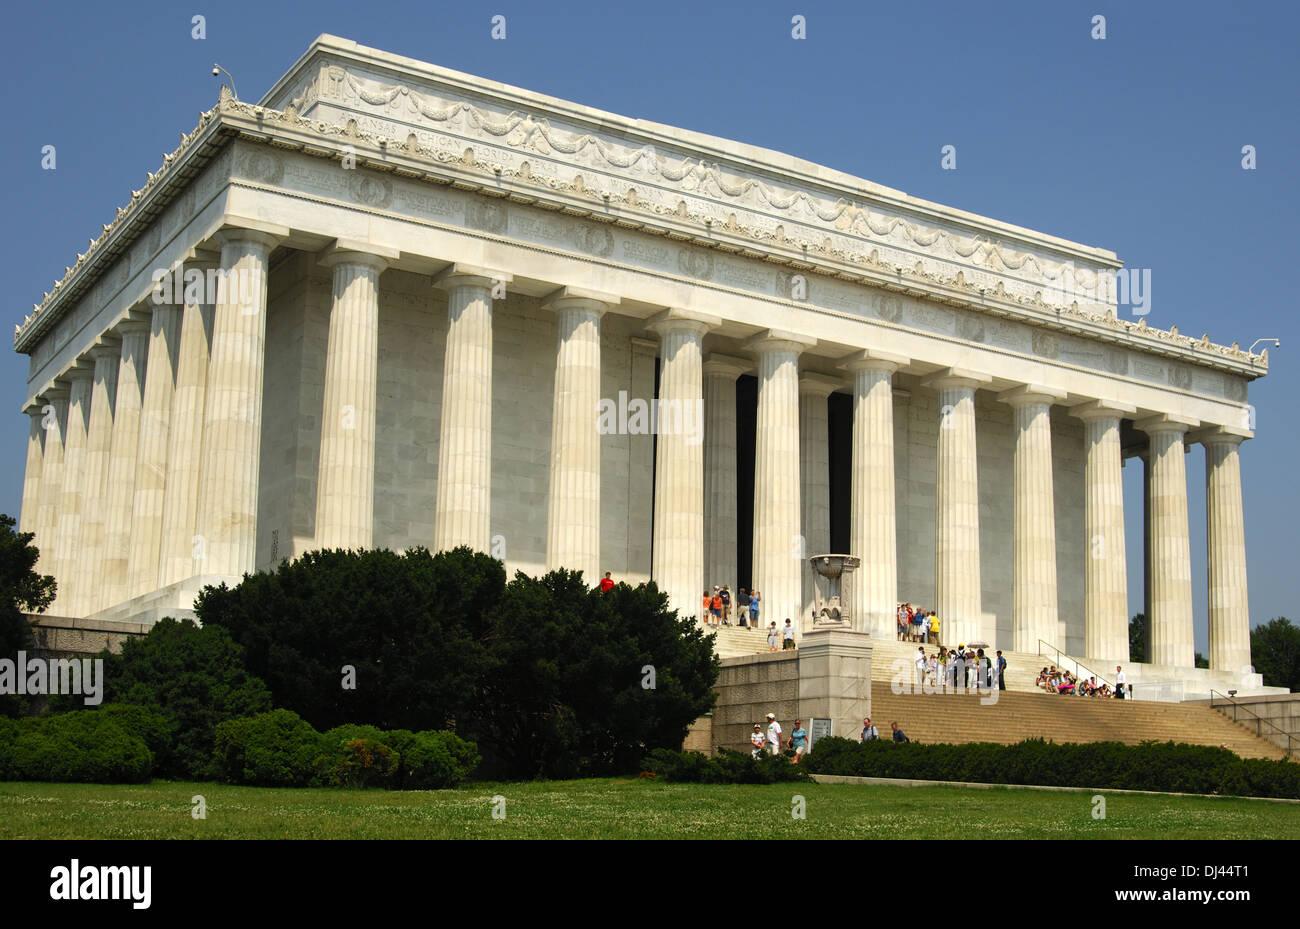 Lincoln Memorial, Washington D.C., USA, Stock Photo